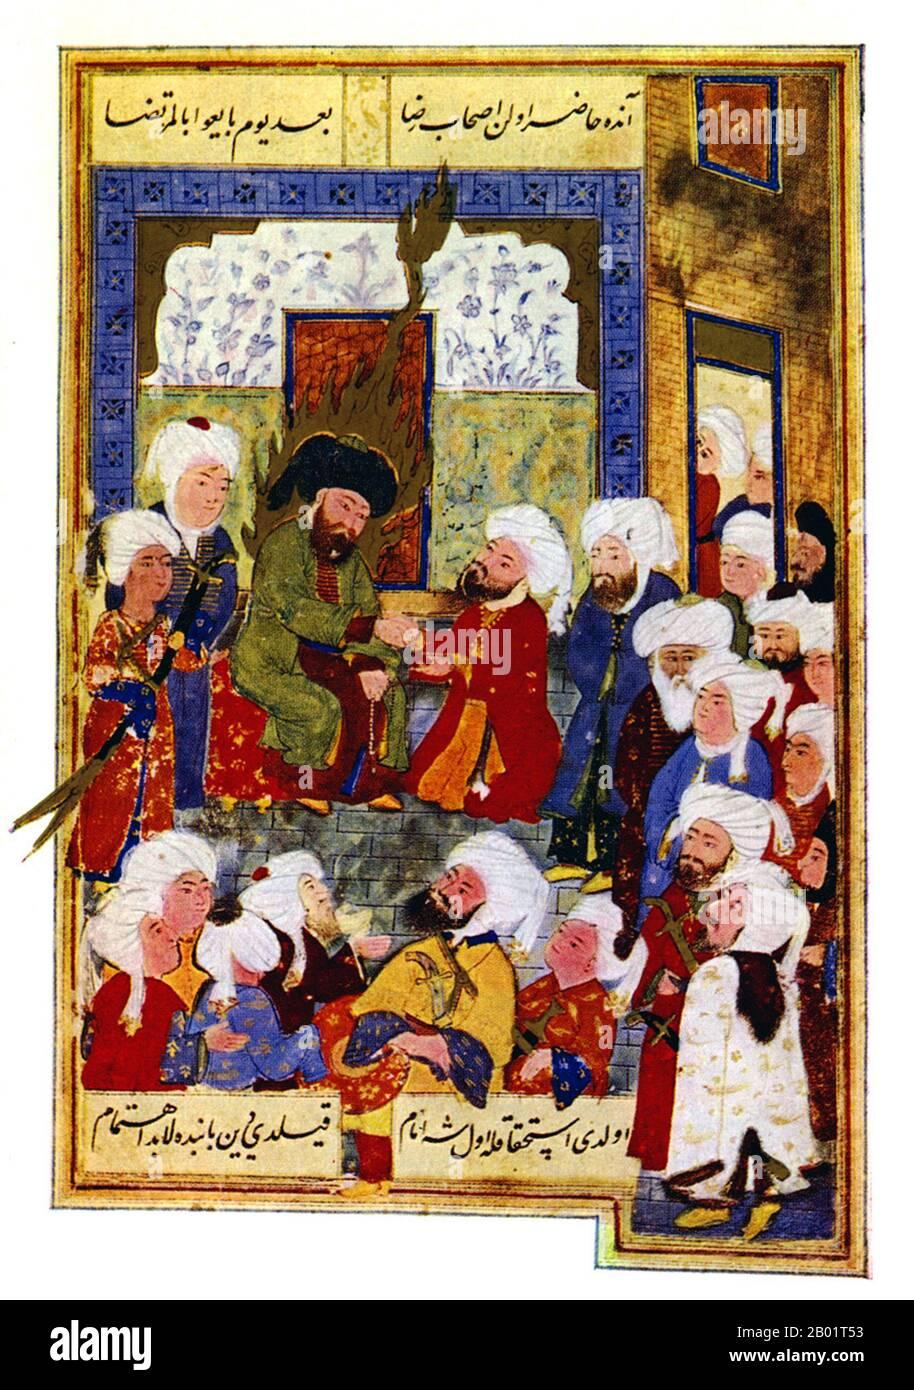 Alī ibn Abī Ṭālib (árabe: علي بن أﺑﻲ طالب;, c. 598-661 CE). Hijo de Abu Talib, Ali también fue primo e yerno del Profeta, Muhammad, que gobernó sobre el Califato Islámico de 656 a 661, y fue el primer hombre convertido al Islam. Los sunitas consideran a Ali el cuarto y último de los Califos de Rashidun (correctamente guiados), mientras que los chiítas consideran a Ali como el primer imán y lo consideran a él y a sus descendientes los sucesores legítimos de Muhammad, todos los cuales son miembros del Ahl al-Bayt, la casa de Muhammad. Este desacuerdo dividió a la Ummah (comunidad musulmana) en las ramas sunita y chiita. Foto de stock